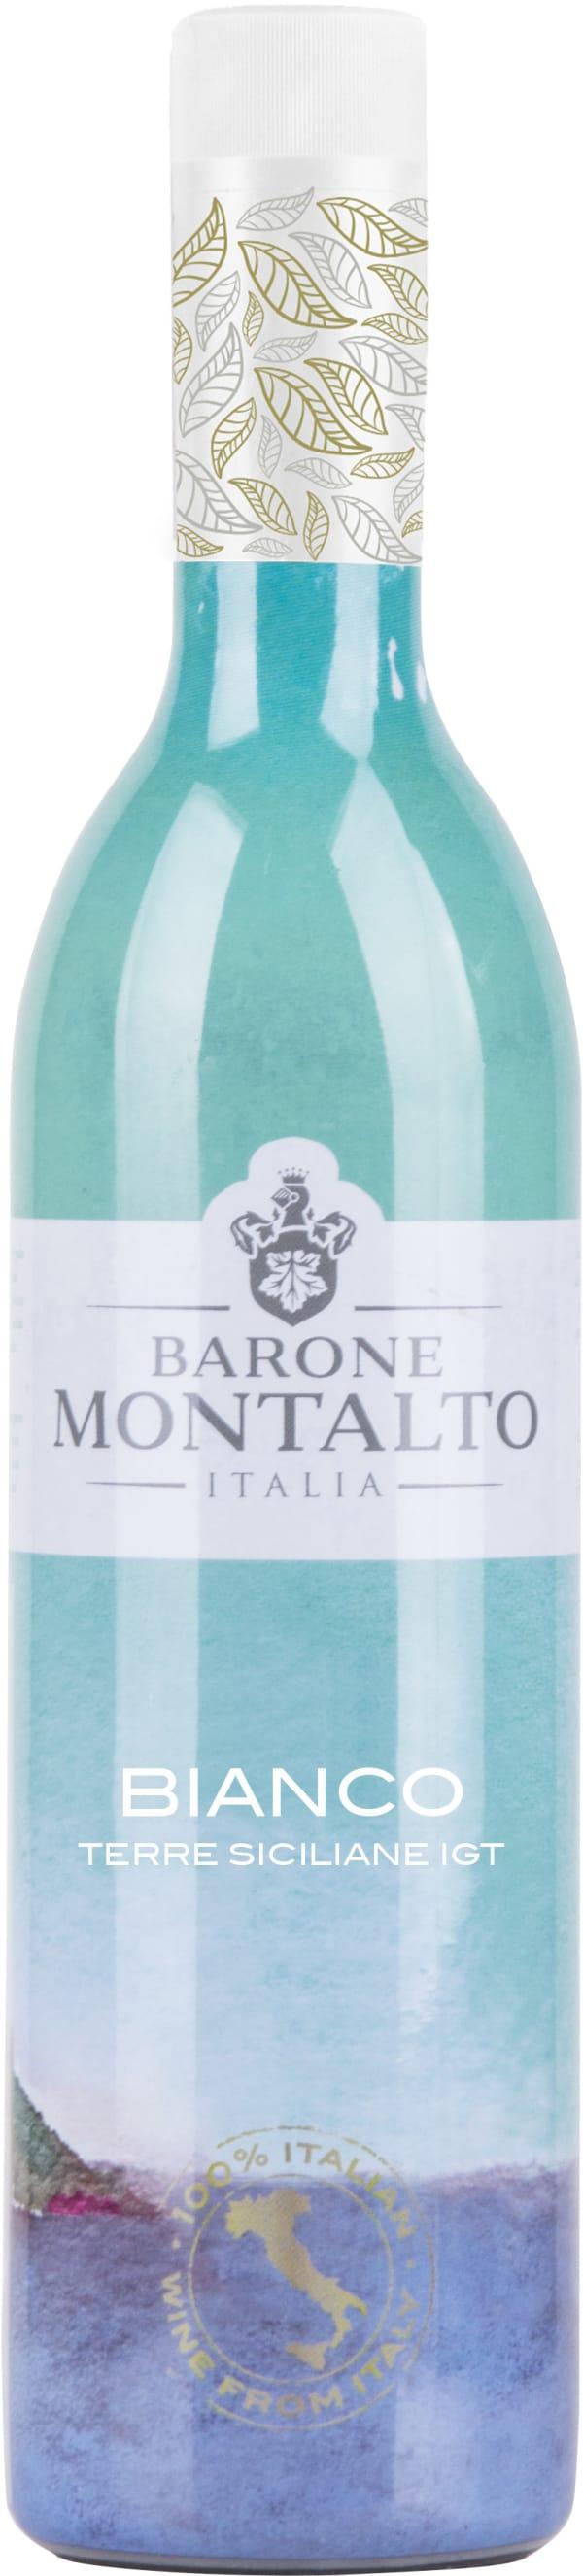 Montalto Grillo Sauvignon Blanc  2016 plastflaska